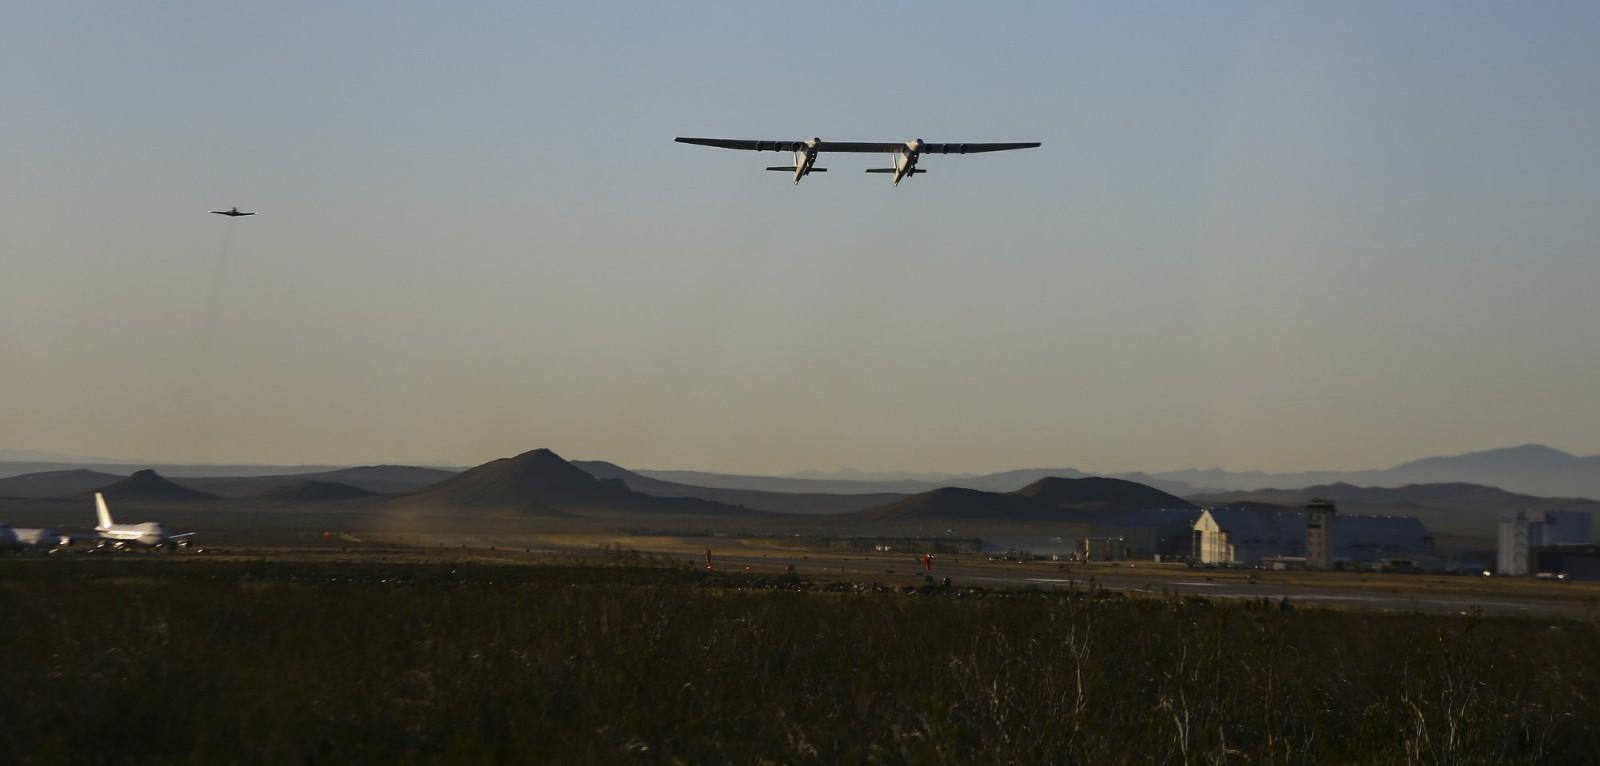 拥有世界最长翼展飞机首飞成功 六引擎可载三颗卫星火箭_图1-5